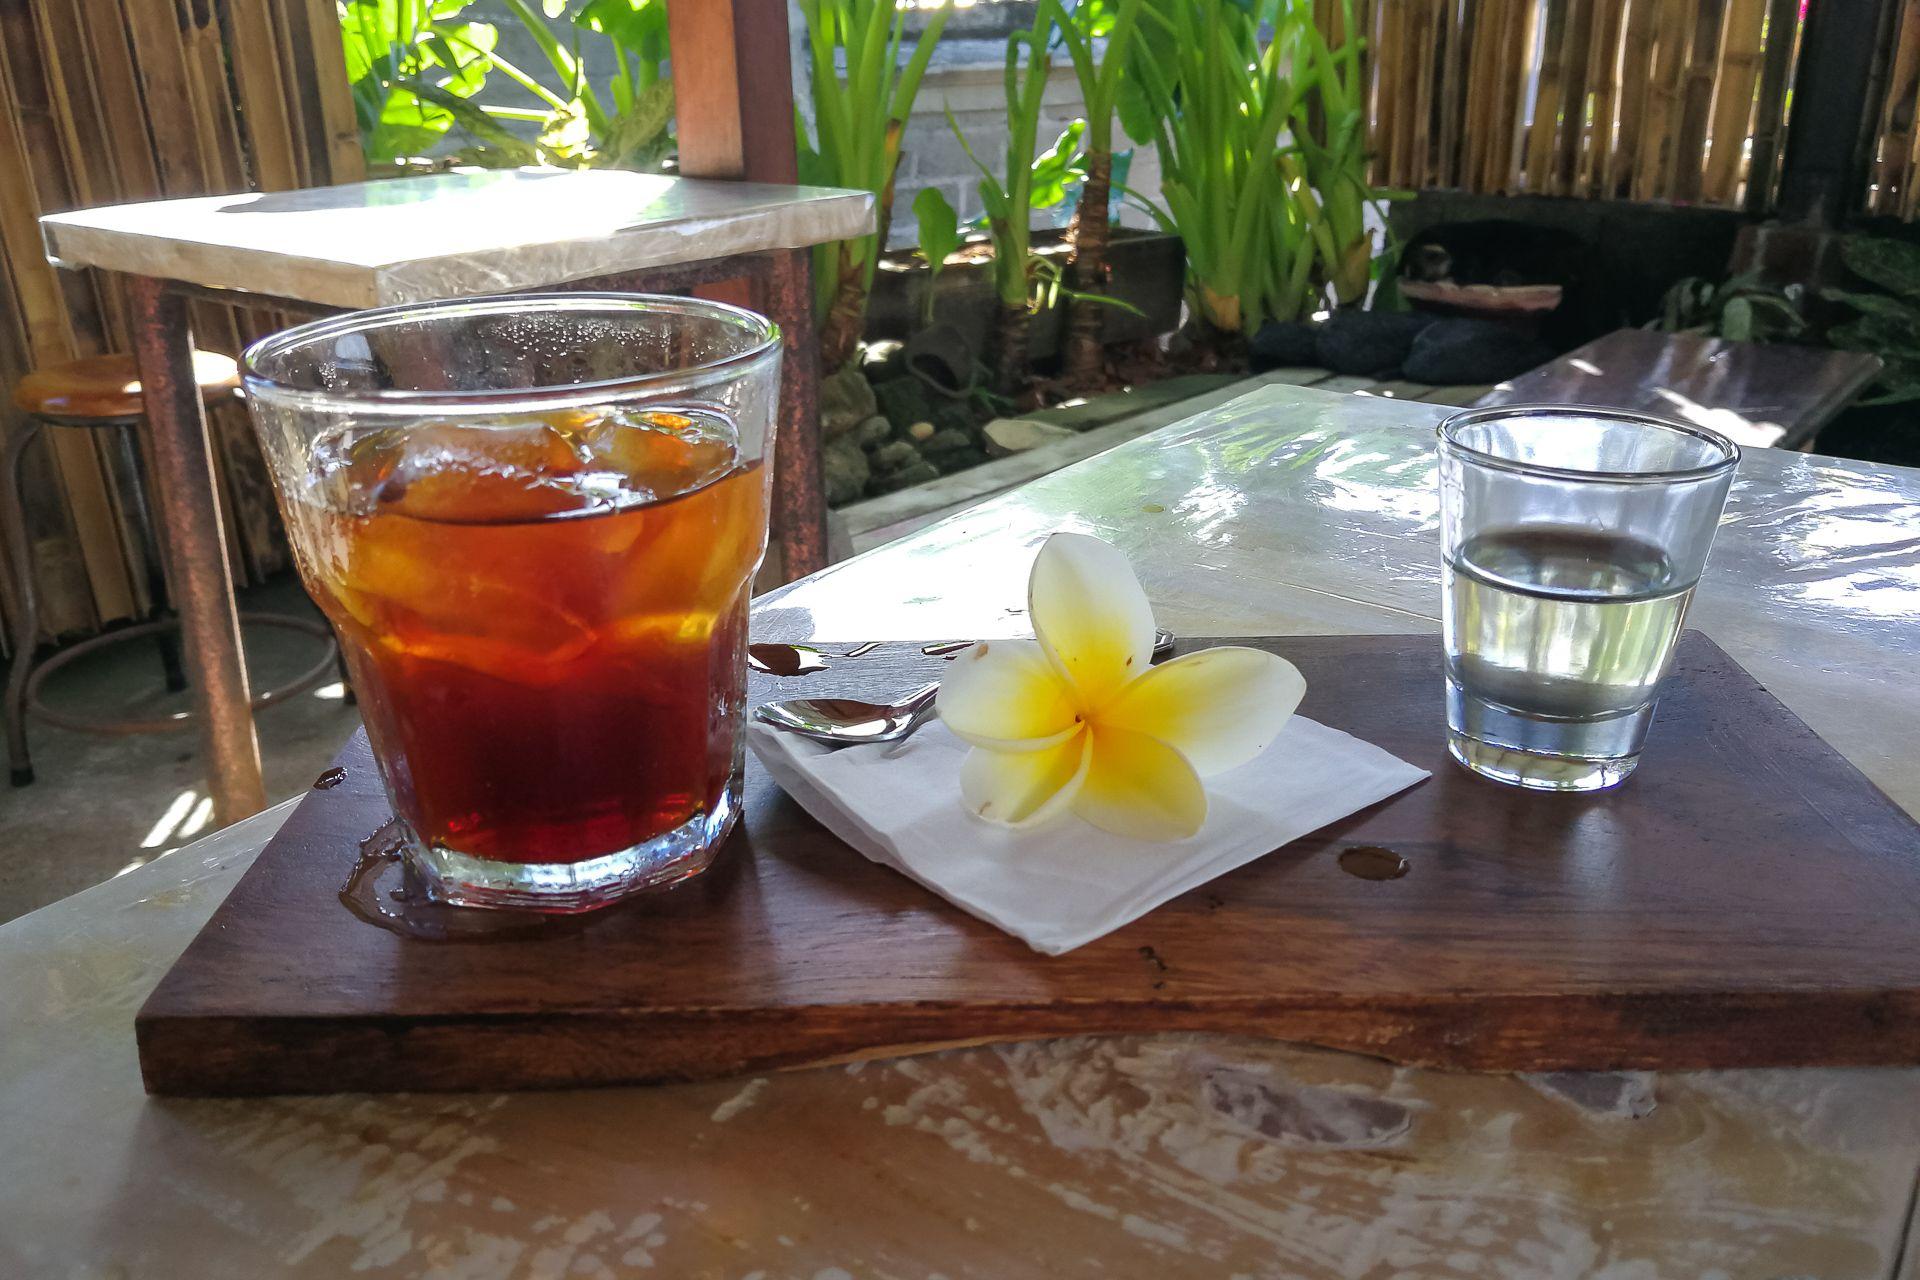 кофе лювак, кофе лувак, самый дорогой кофе, необычный кофе, кофе на Бали, знаменитый кофе лювак, какой на вкус лювак, сколько стоит кофе лювак, копи лювак, кофе из экскрементов, мусанги, летуцие мыши, Танах Лот, Бали, Индонезия, coffee luwak, copi luwak, Bali